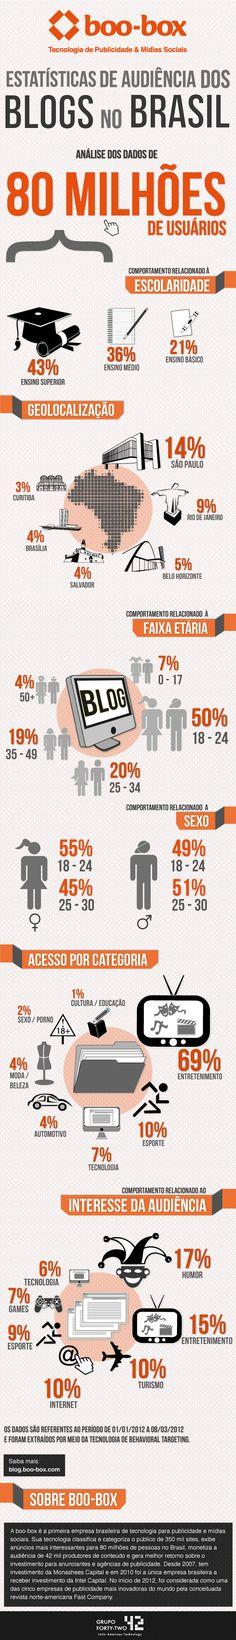 Audiência de Blogs no Brasil